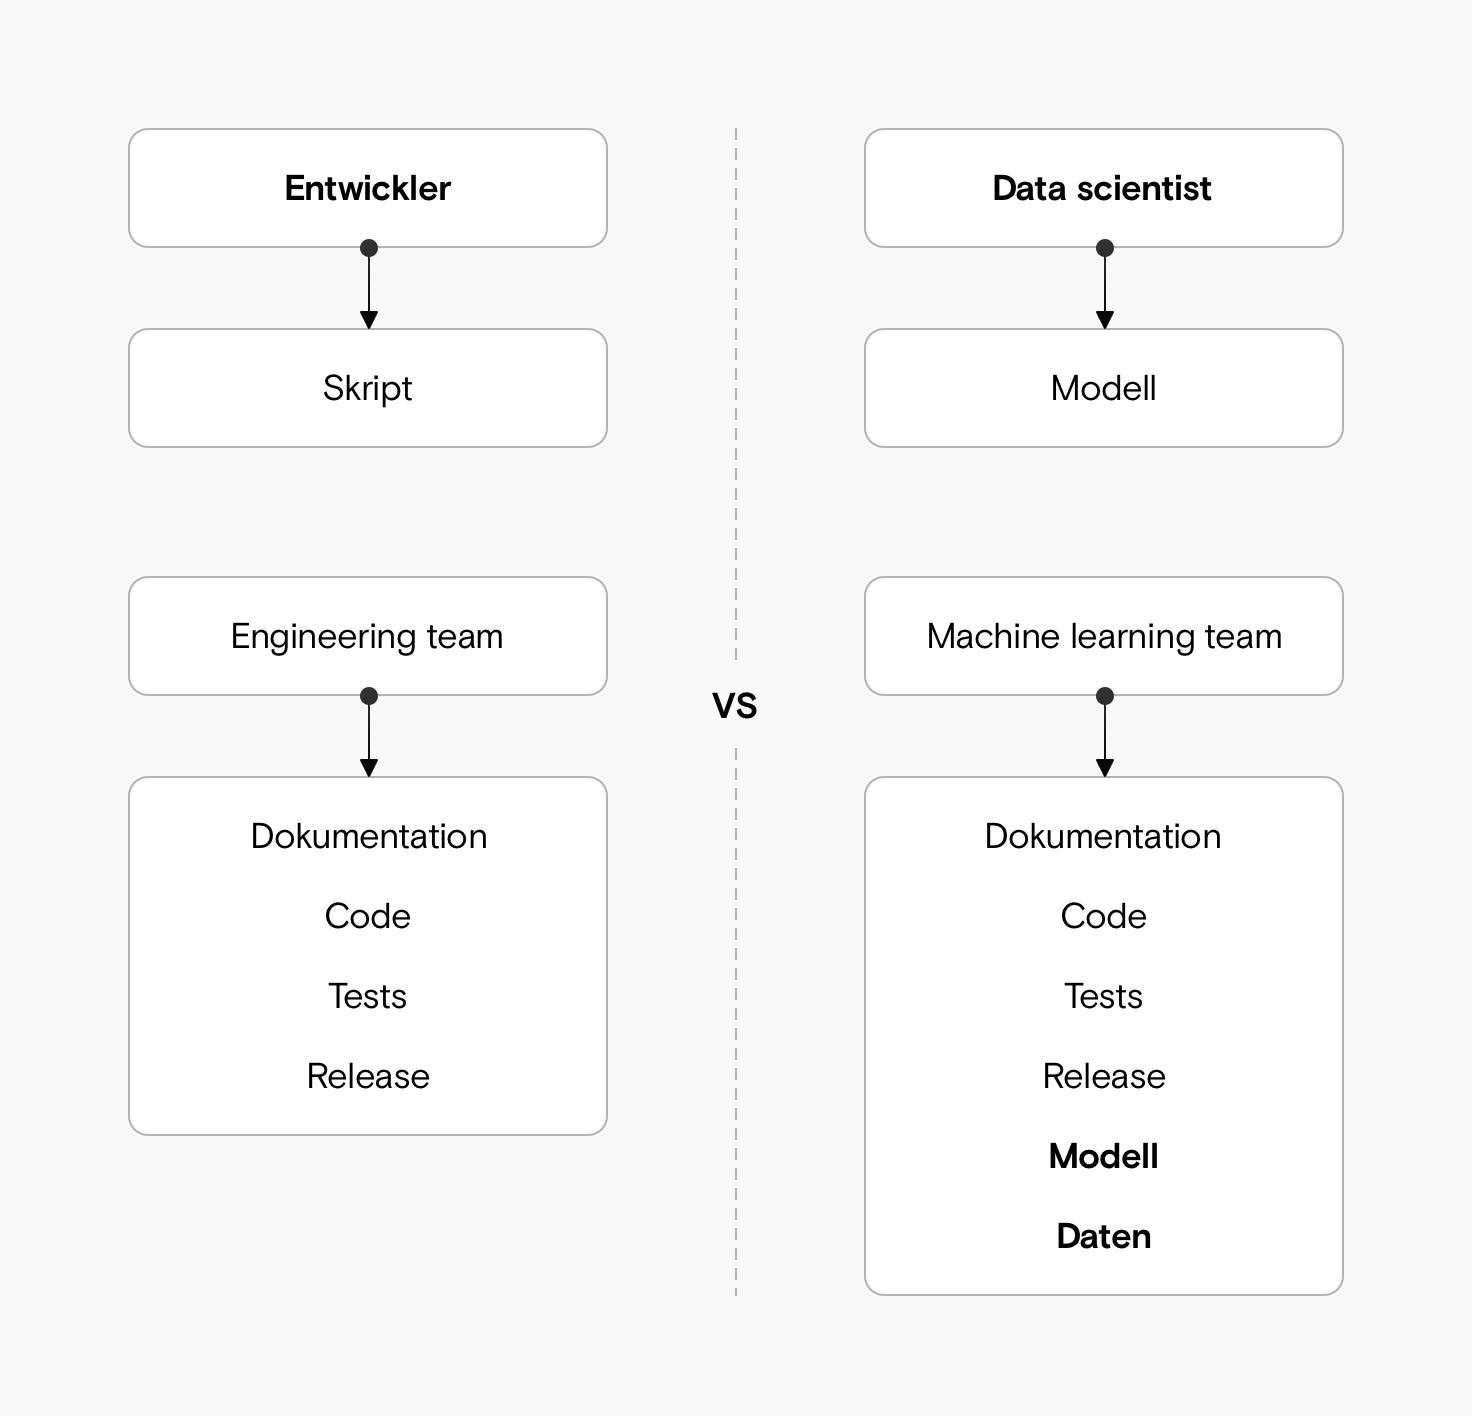 Ein Diagramm, das die Parallelen zwischen Software-Engineering und ML-Engineering hervorhebt. Ein Entwickler/Data Scientist leistet lediglich einen kleinen Beitrag, die endgültige Lösung besteht aus vielen weiteren Bestandteilen.